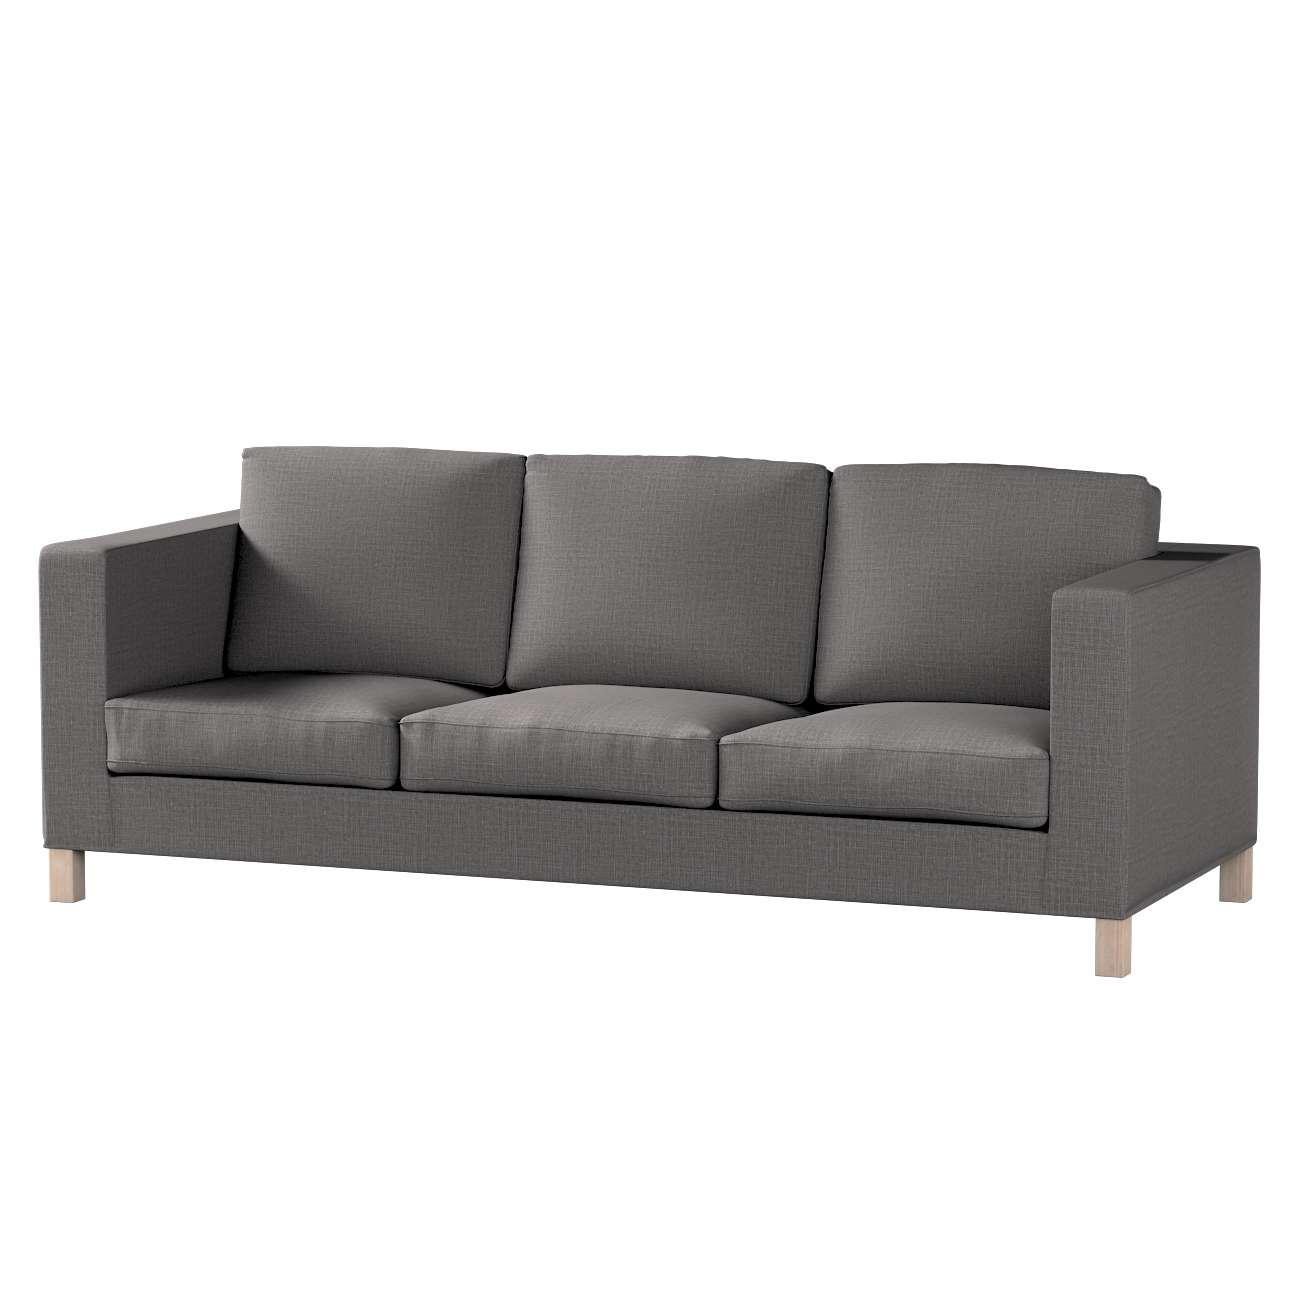 Bezug für Karlanda 3-Sitzer Sofa nicht ausklappbar, kurz von der Kollektion Living II, Stoff: 161-16